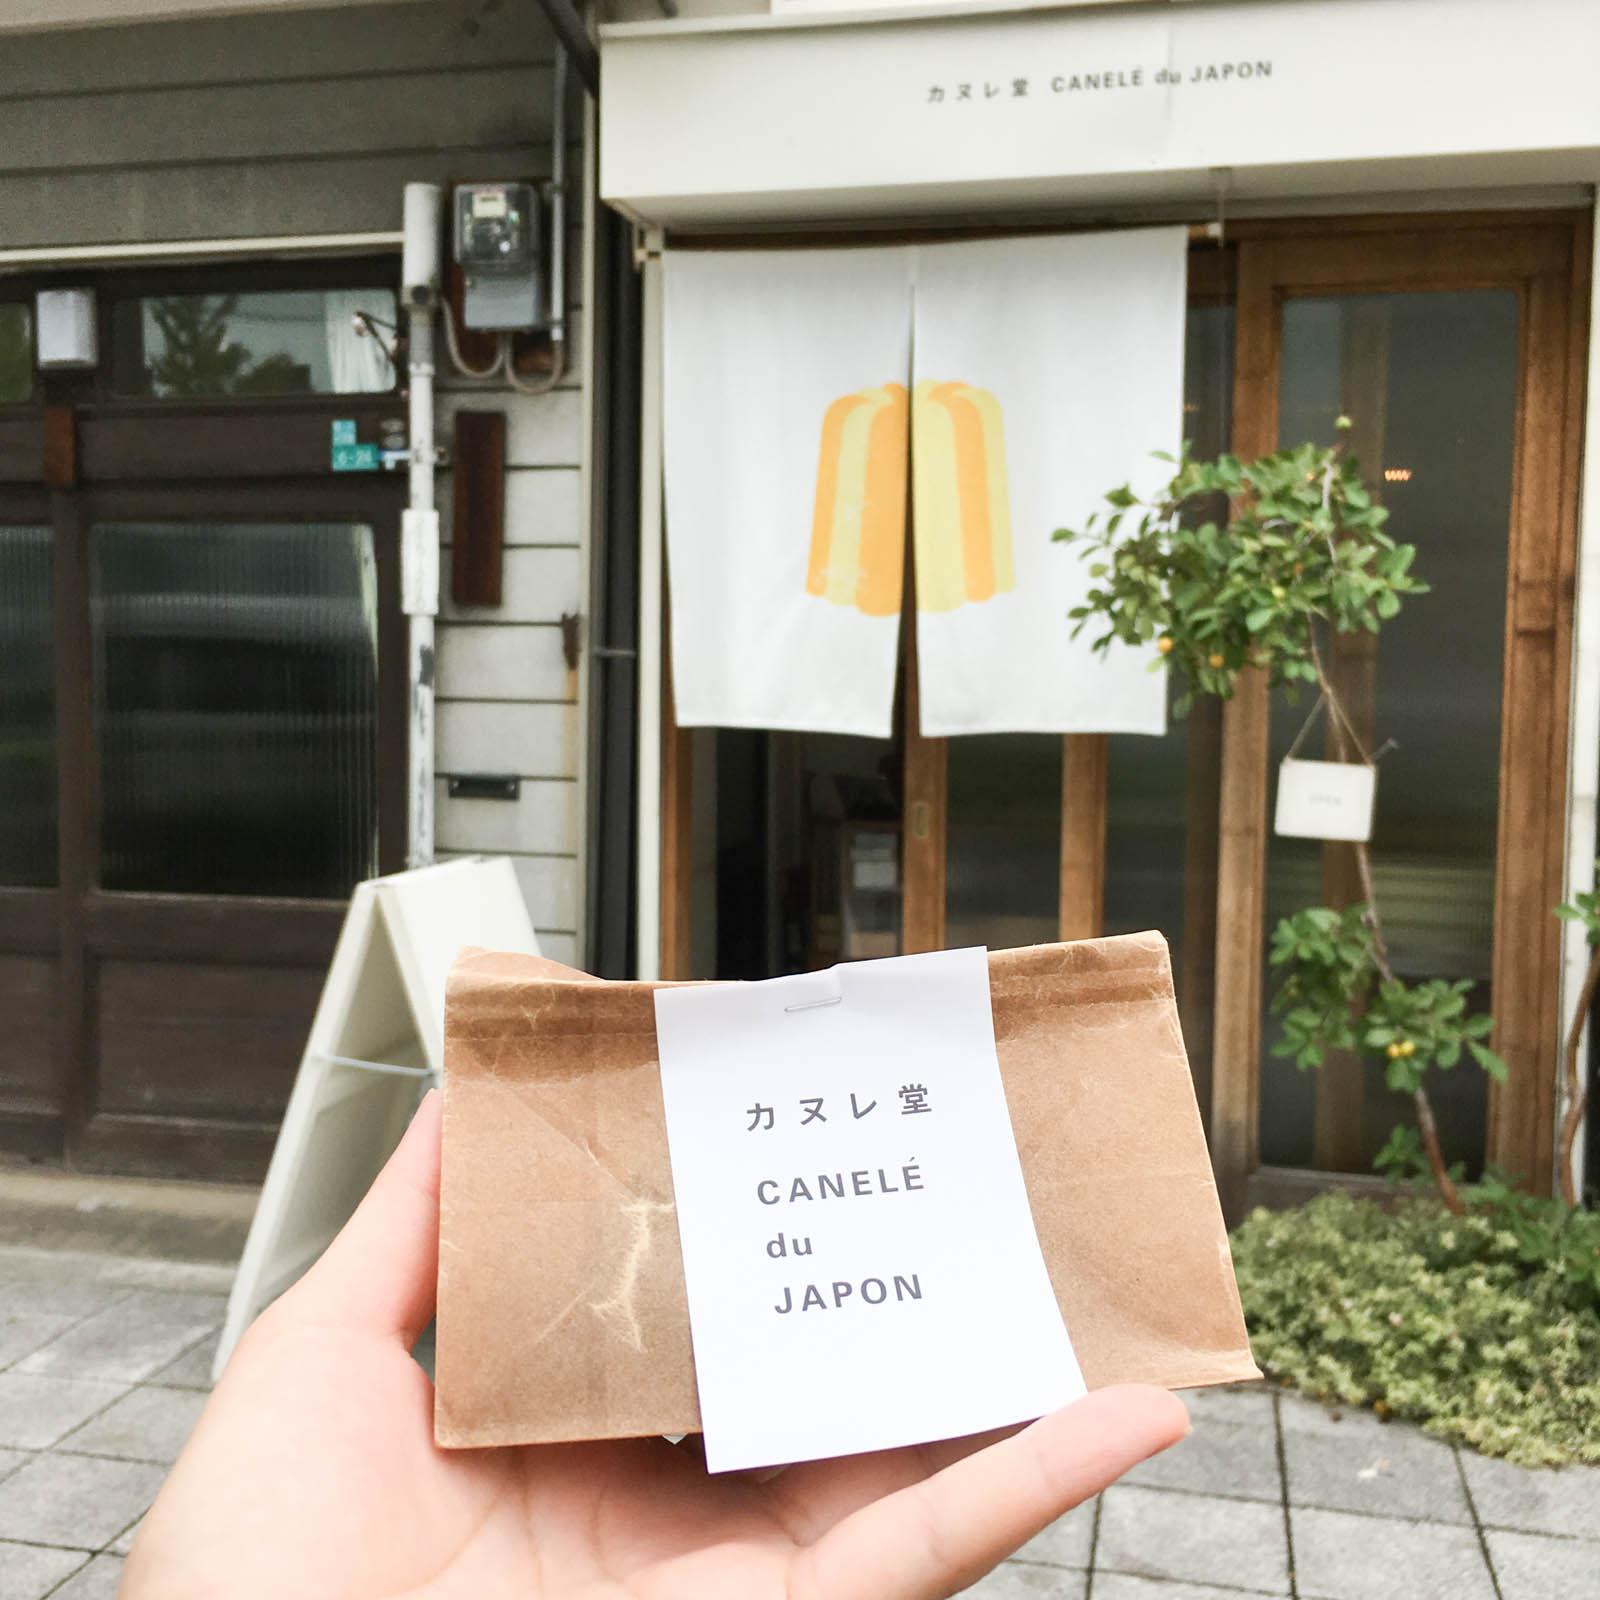 大阪のかわいいお土産「カヌレ堂 CANELÉ du JAPON」